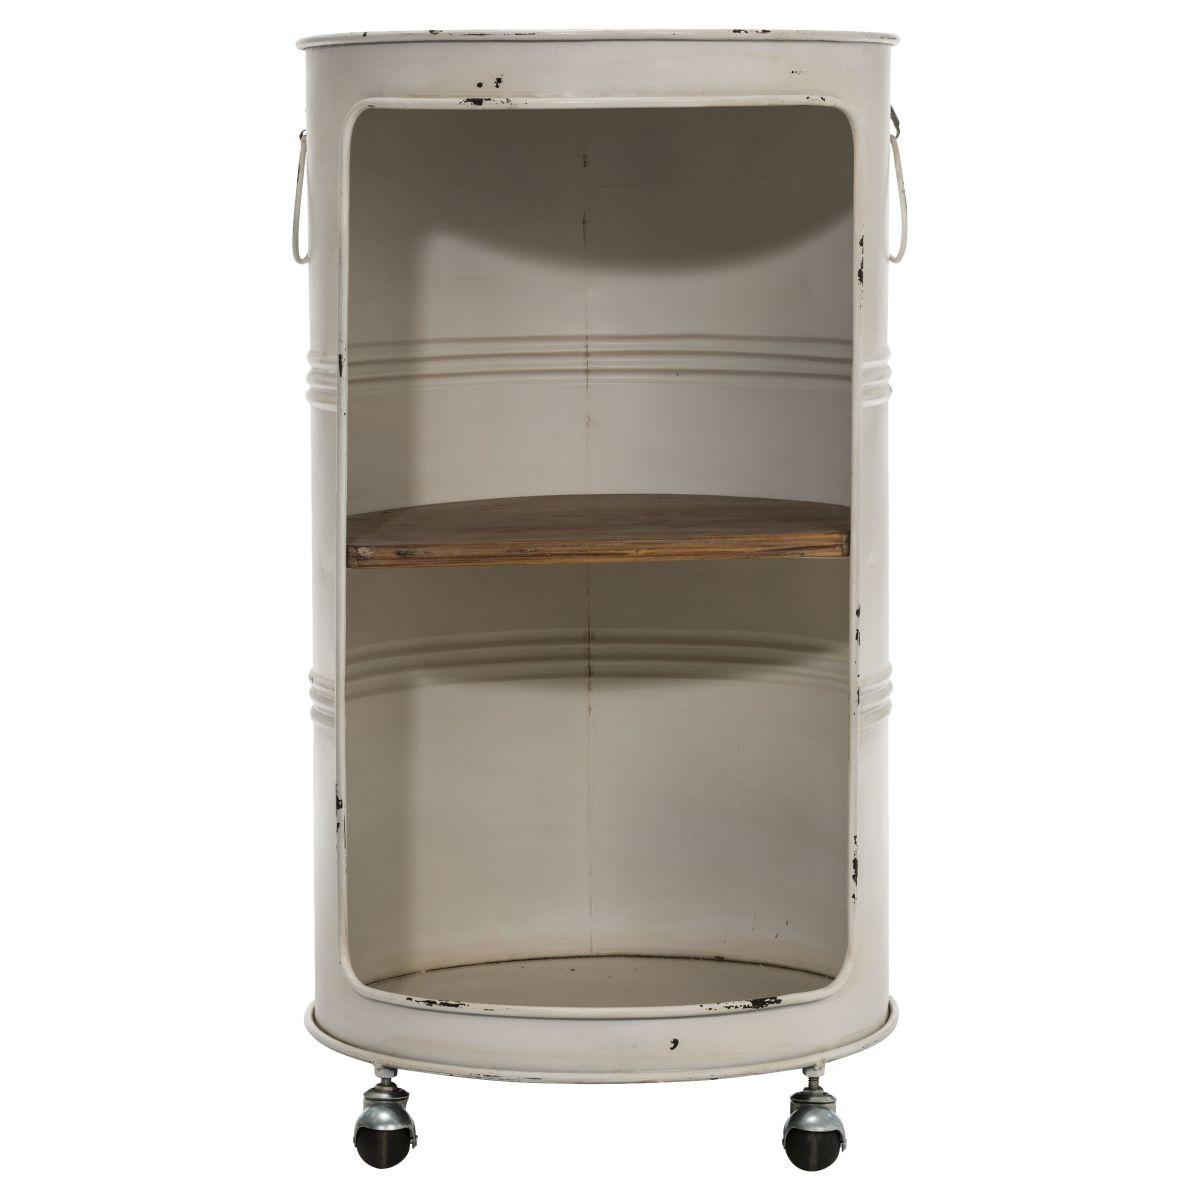 tonne regal aus metall versandkostenfreie m bel online bestellen. Black Bedroom Furniture Sets. Home Design Ideas